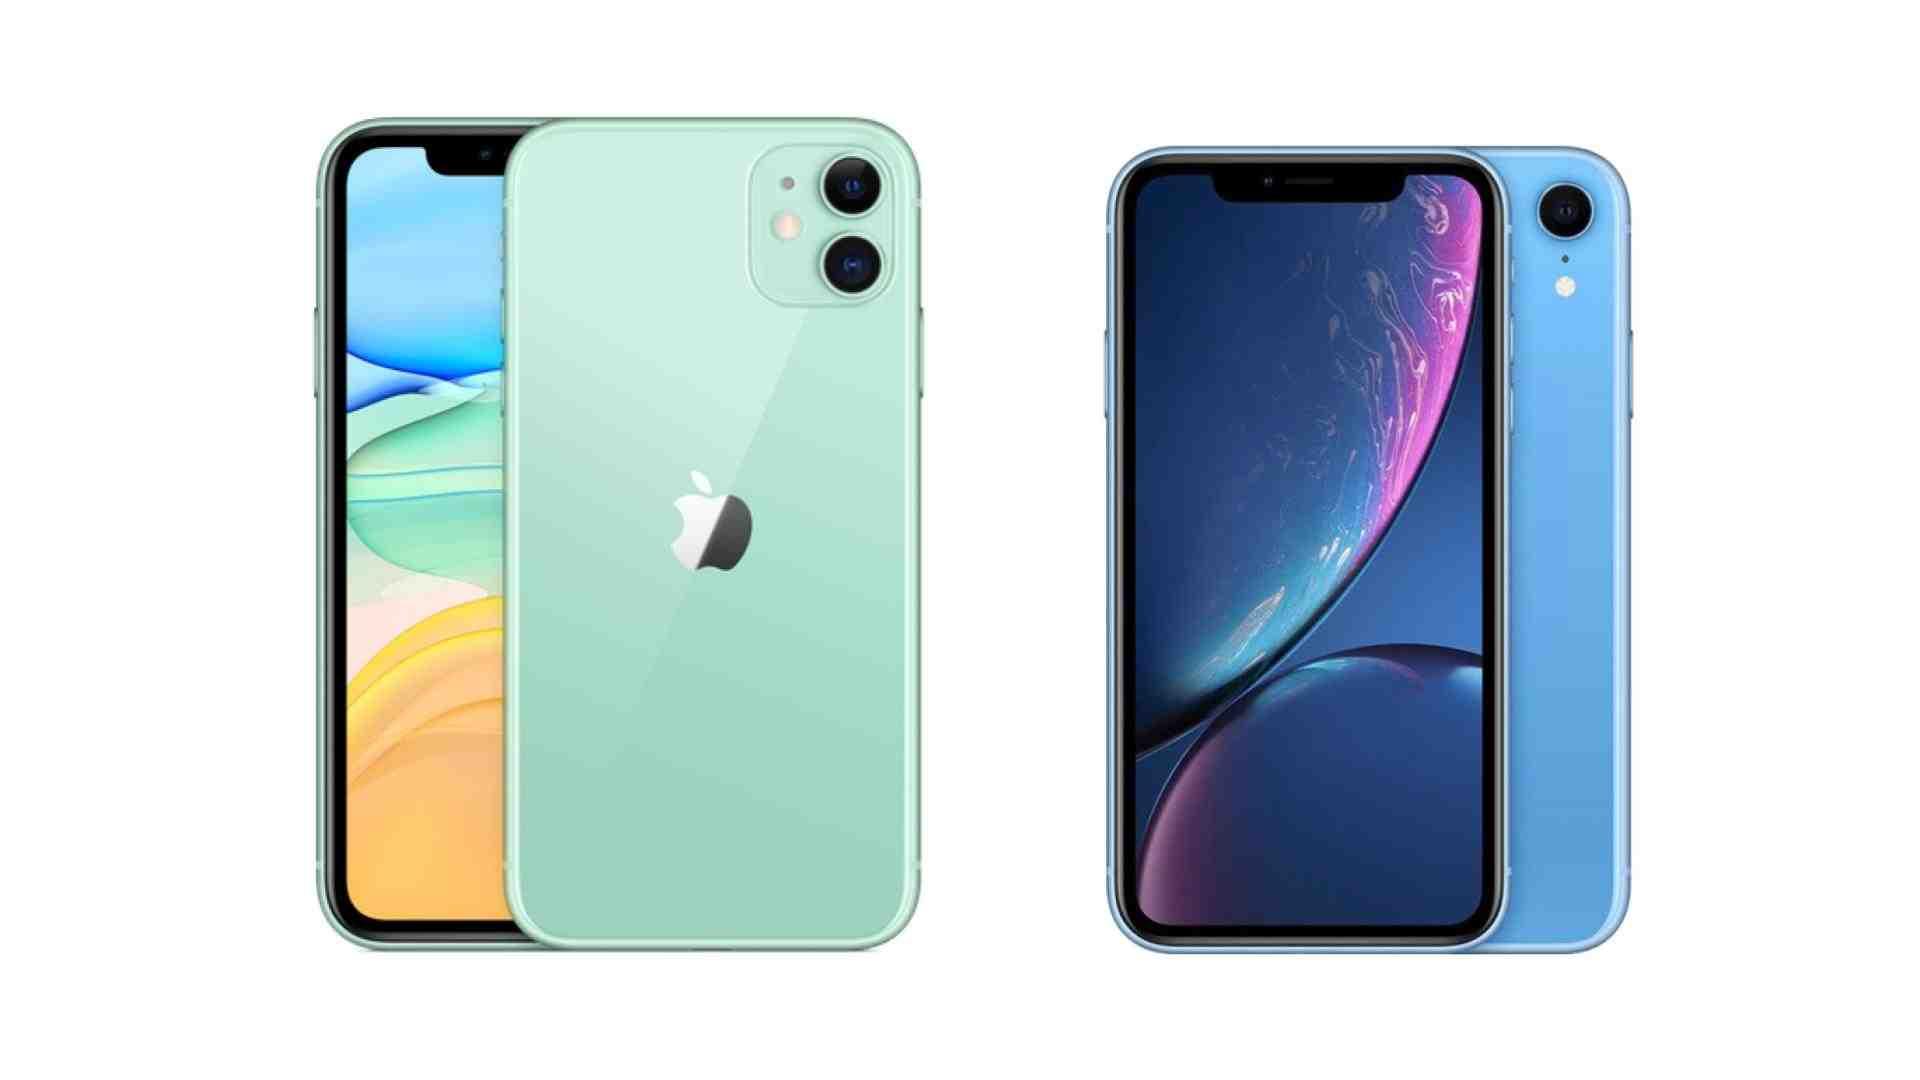 Iphone xr : 10 ou 11 ?